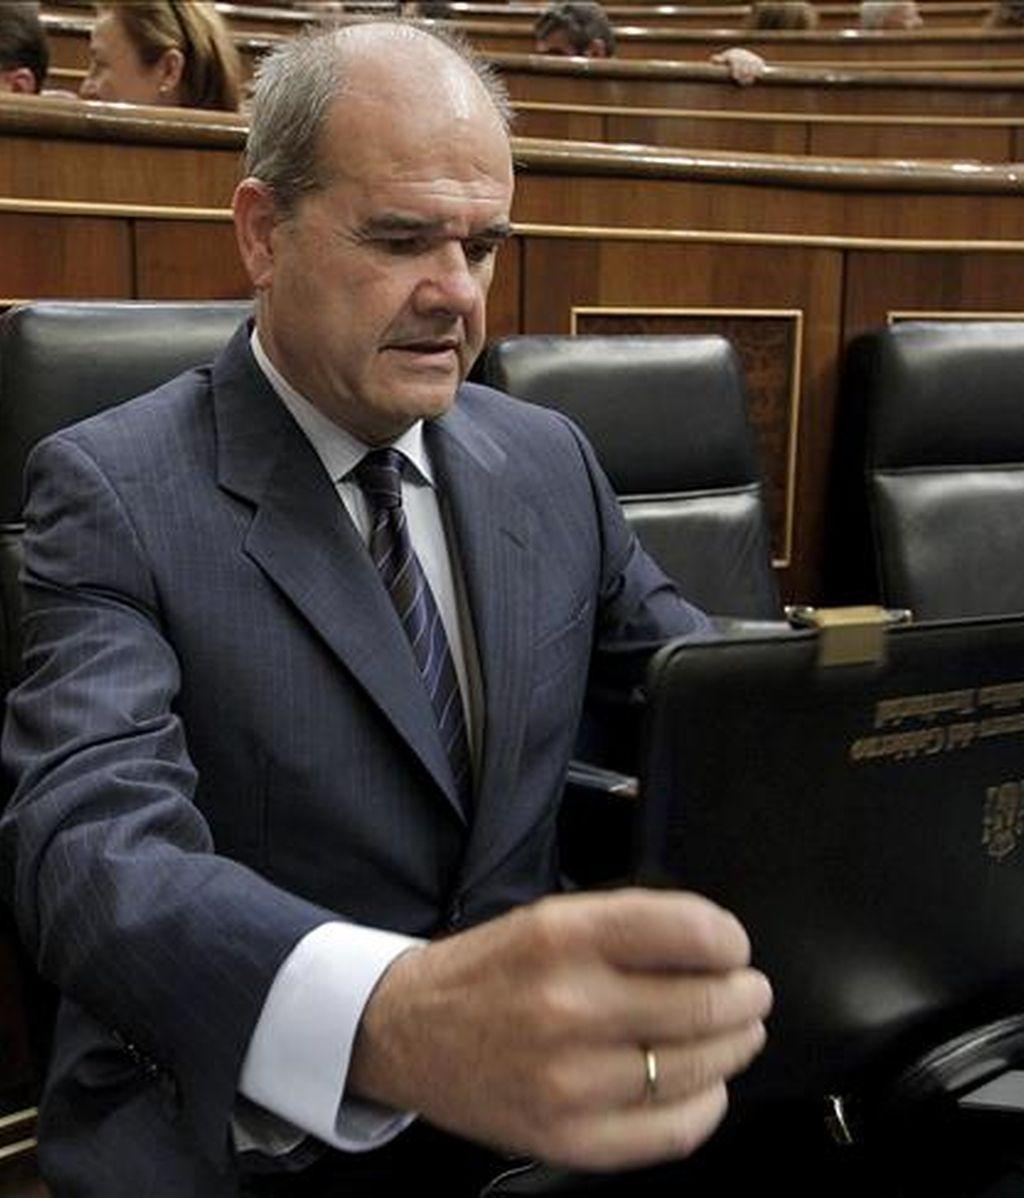 El vicepresidente tercero del Gobierno, Manuel Chaves, antes del inicio de la sesión de control al Gobierno, hoy en el pleno del Congreso de los Diputados. EFE